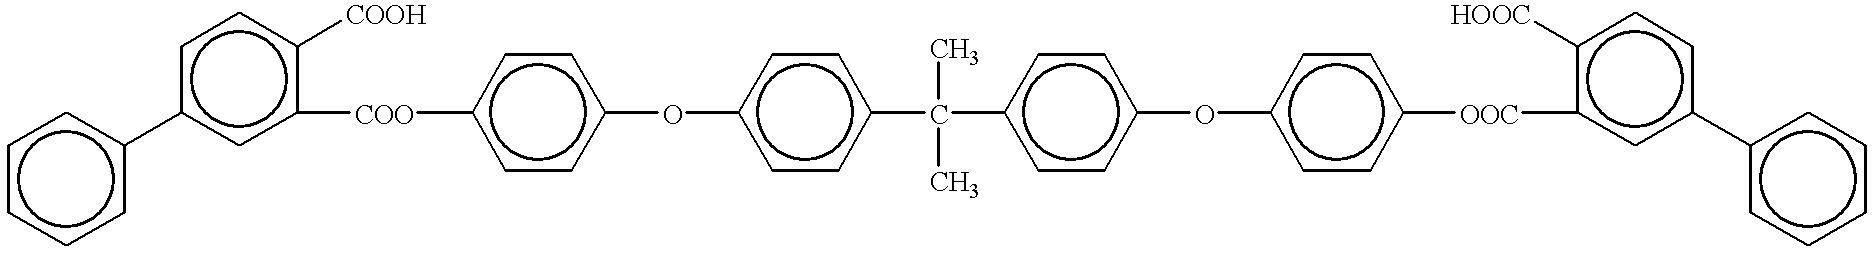 Figure US06180560-20010130-C00262